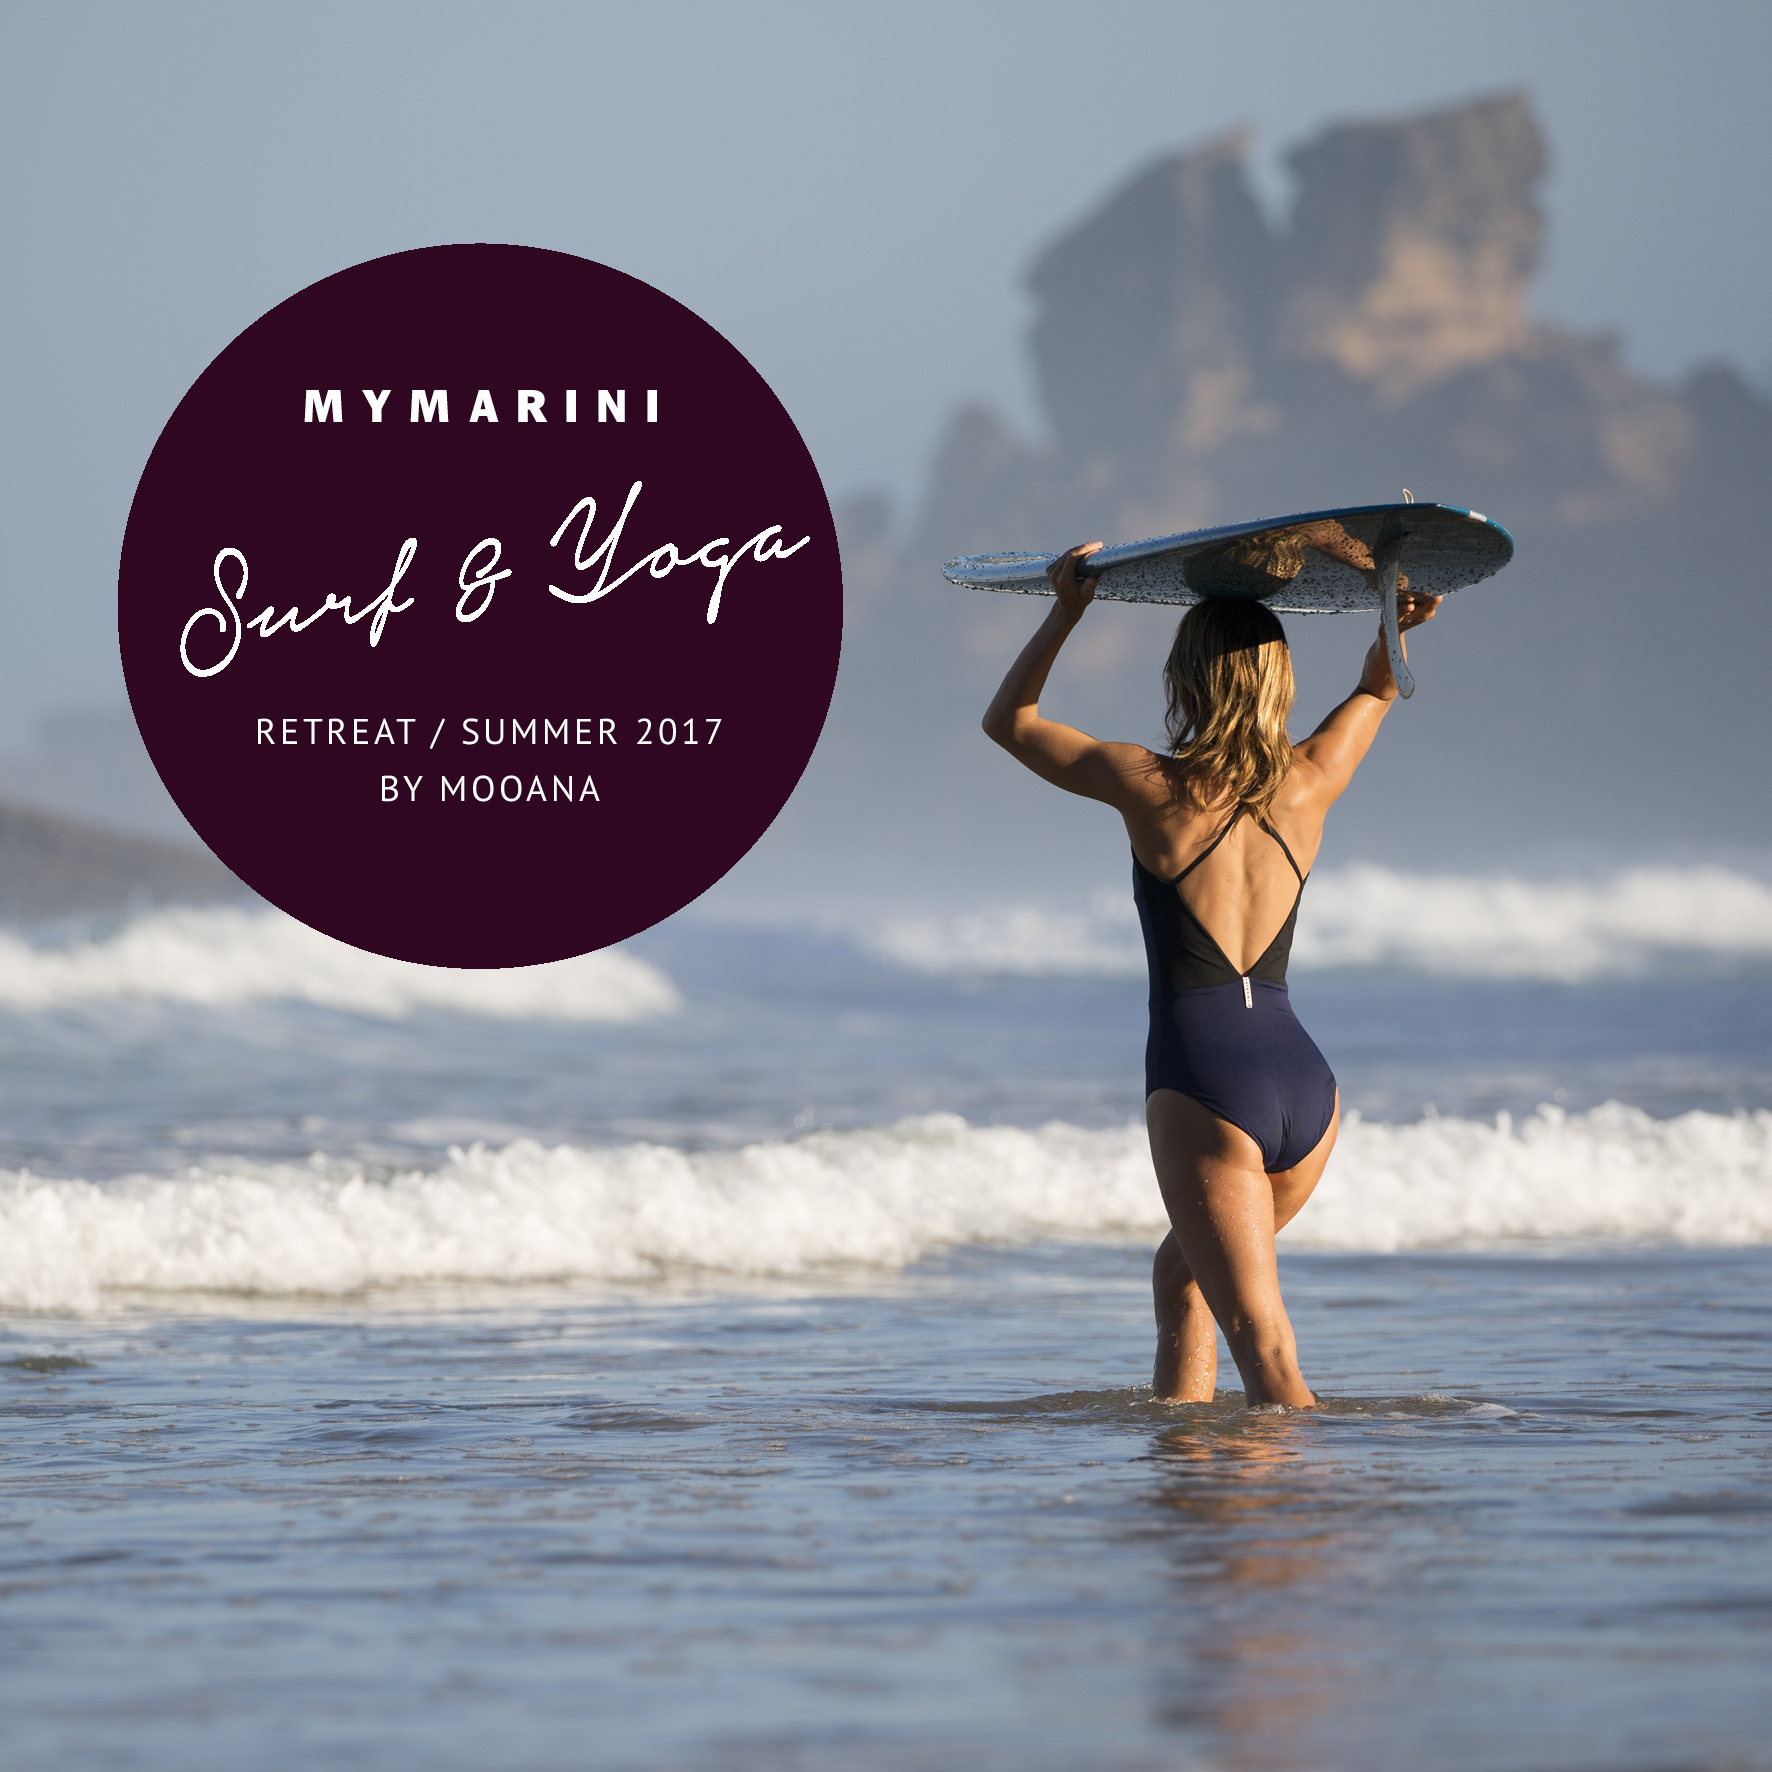 mymarini-surf-yoga-retreat-Instagram5.jpeg